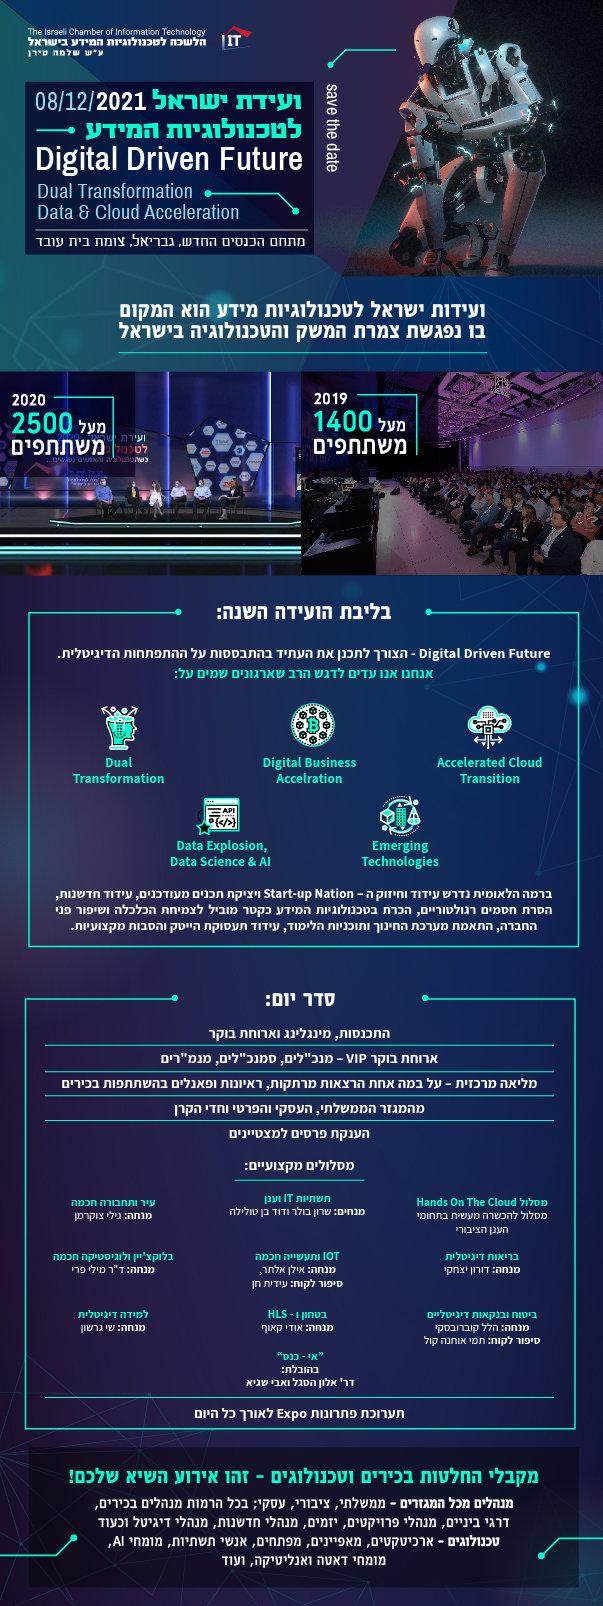 ועידה שנתית 2021_הזמנה מלאה_V6-01.jpg